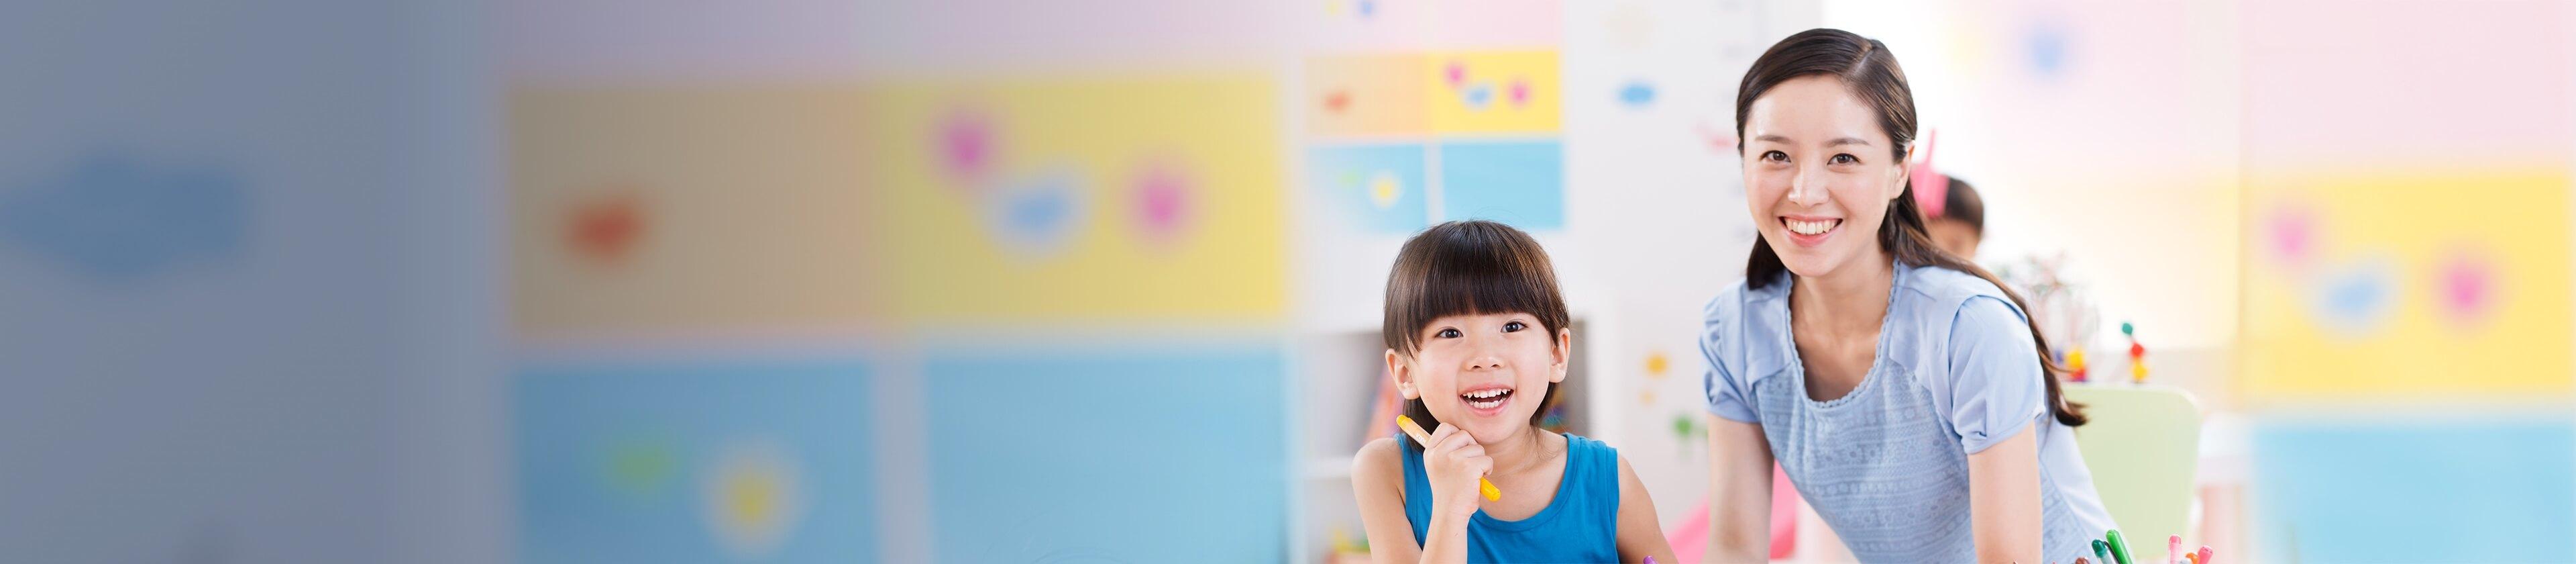 智能幼儿园轮播图